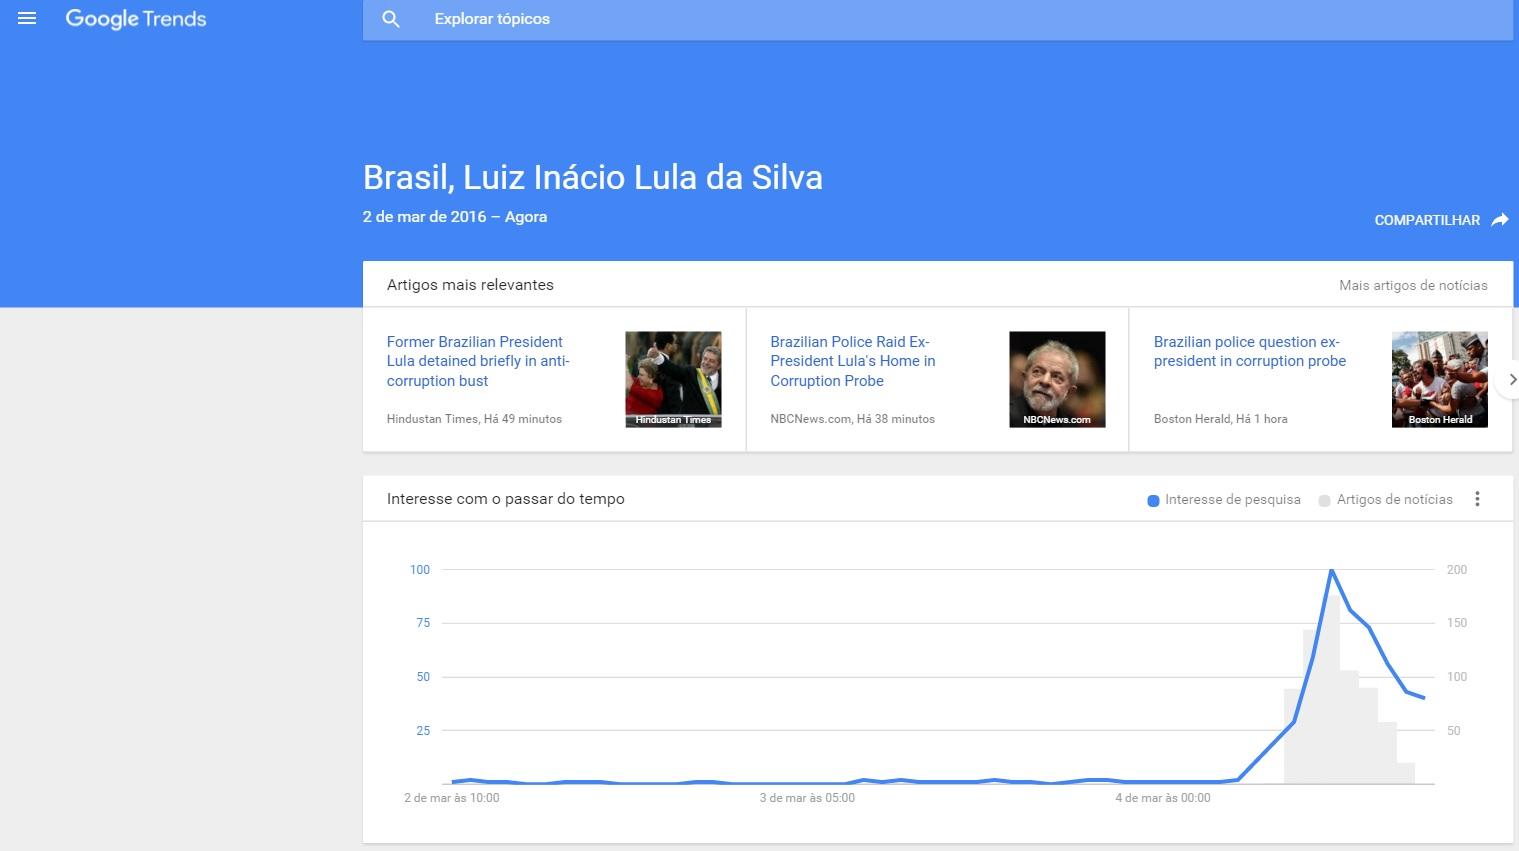 Notícias internacionais sobre investigação relacionada ao ex-presidente Lula chegaram ao topo do Google Trends